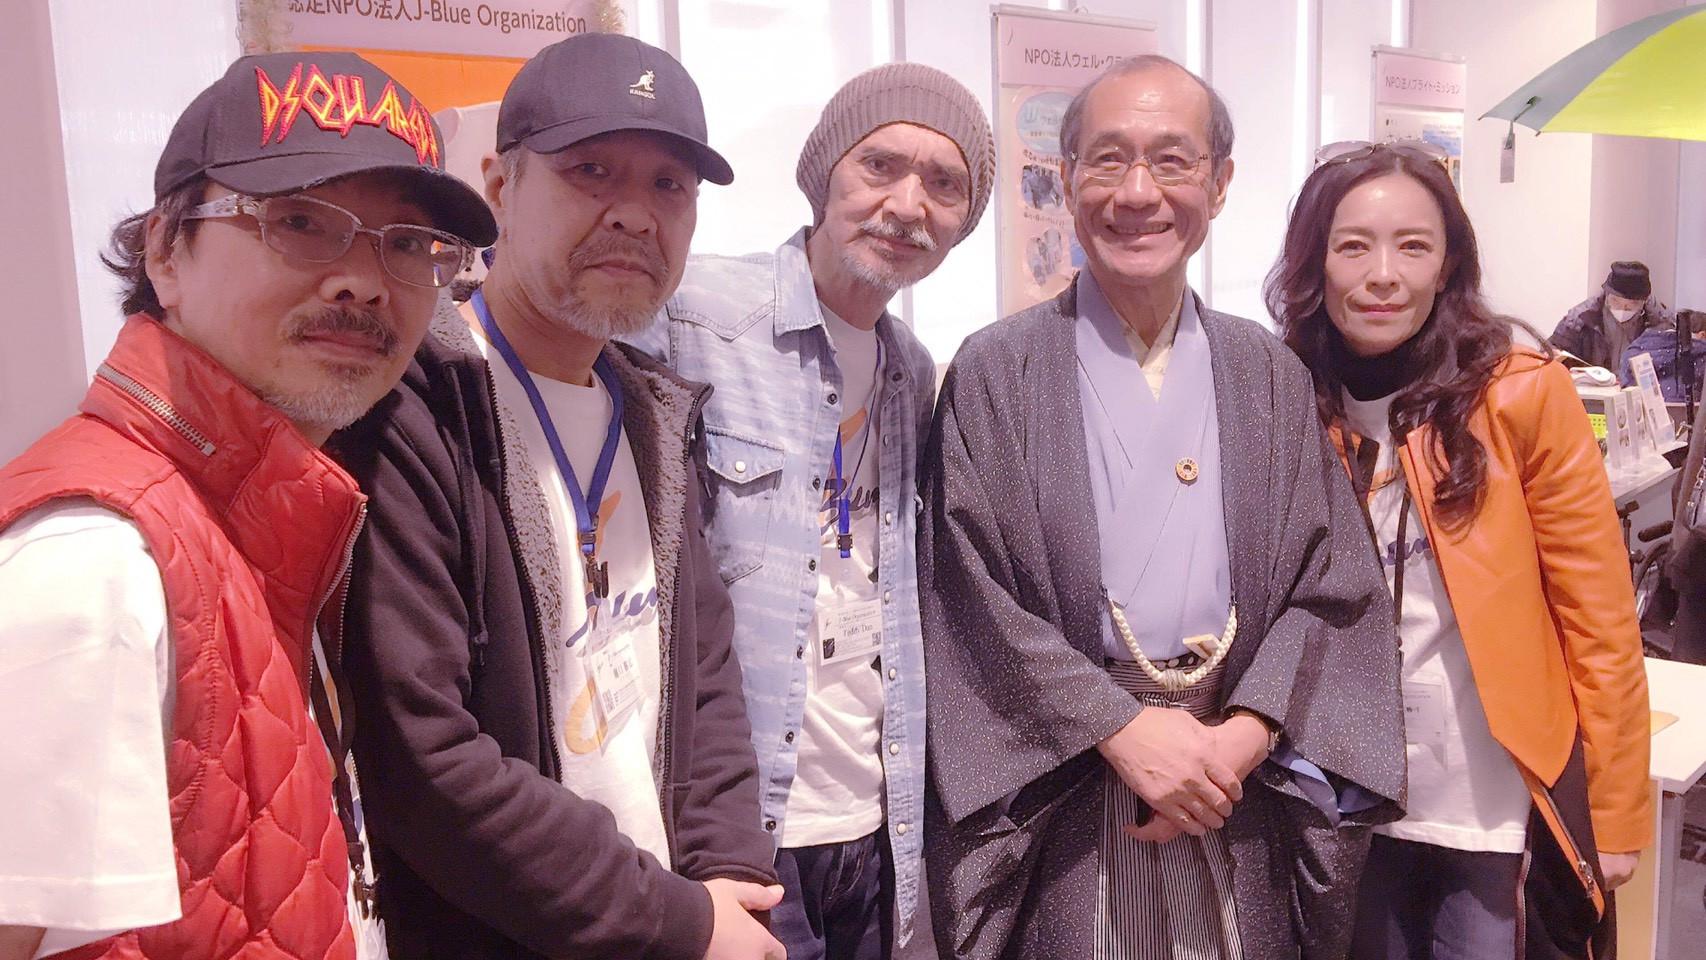 京都市門川市長との写真撮影